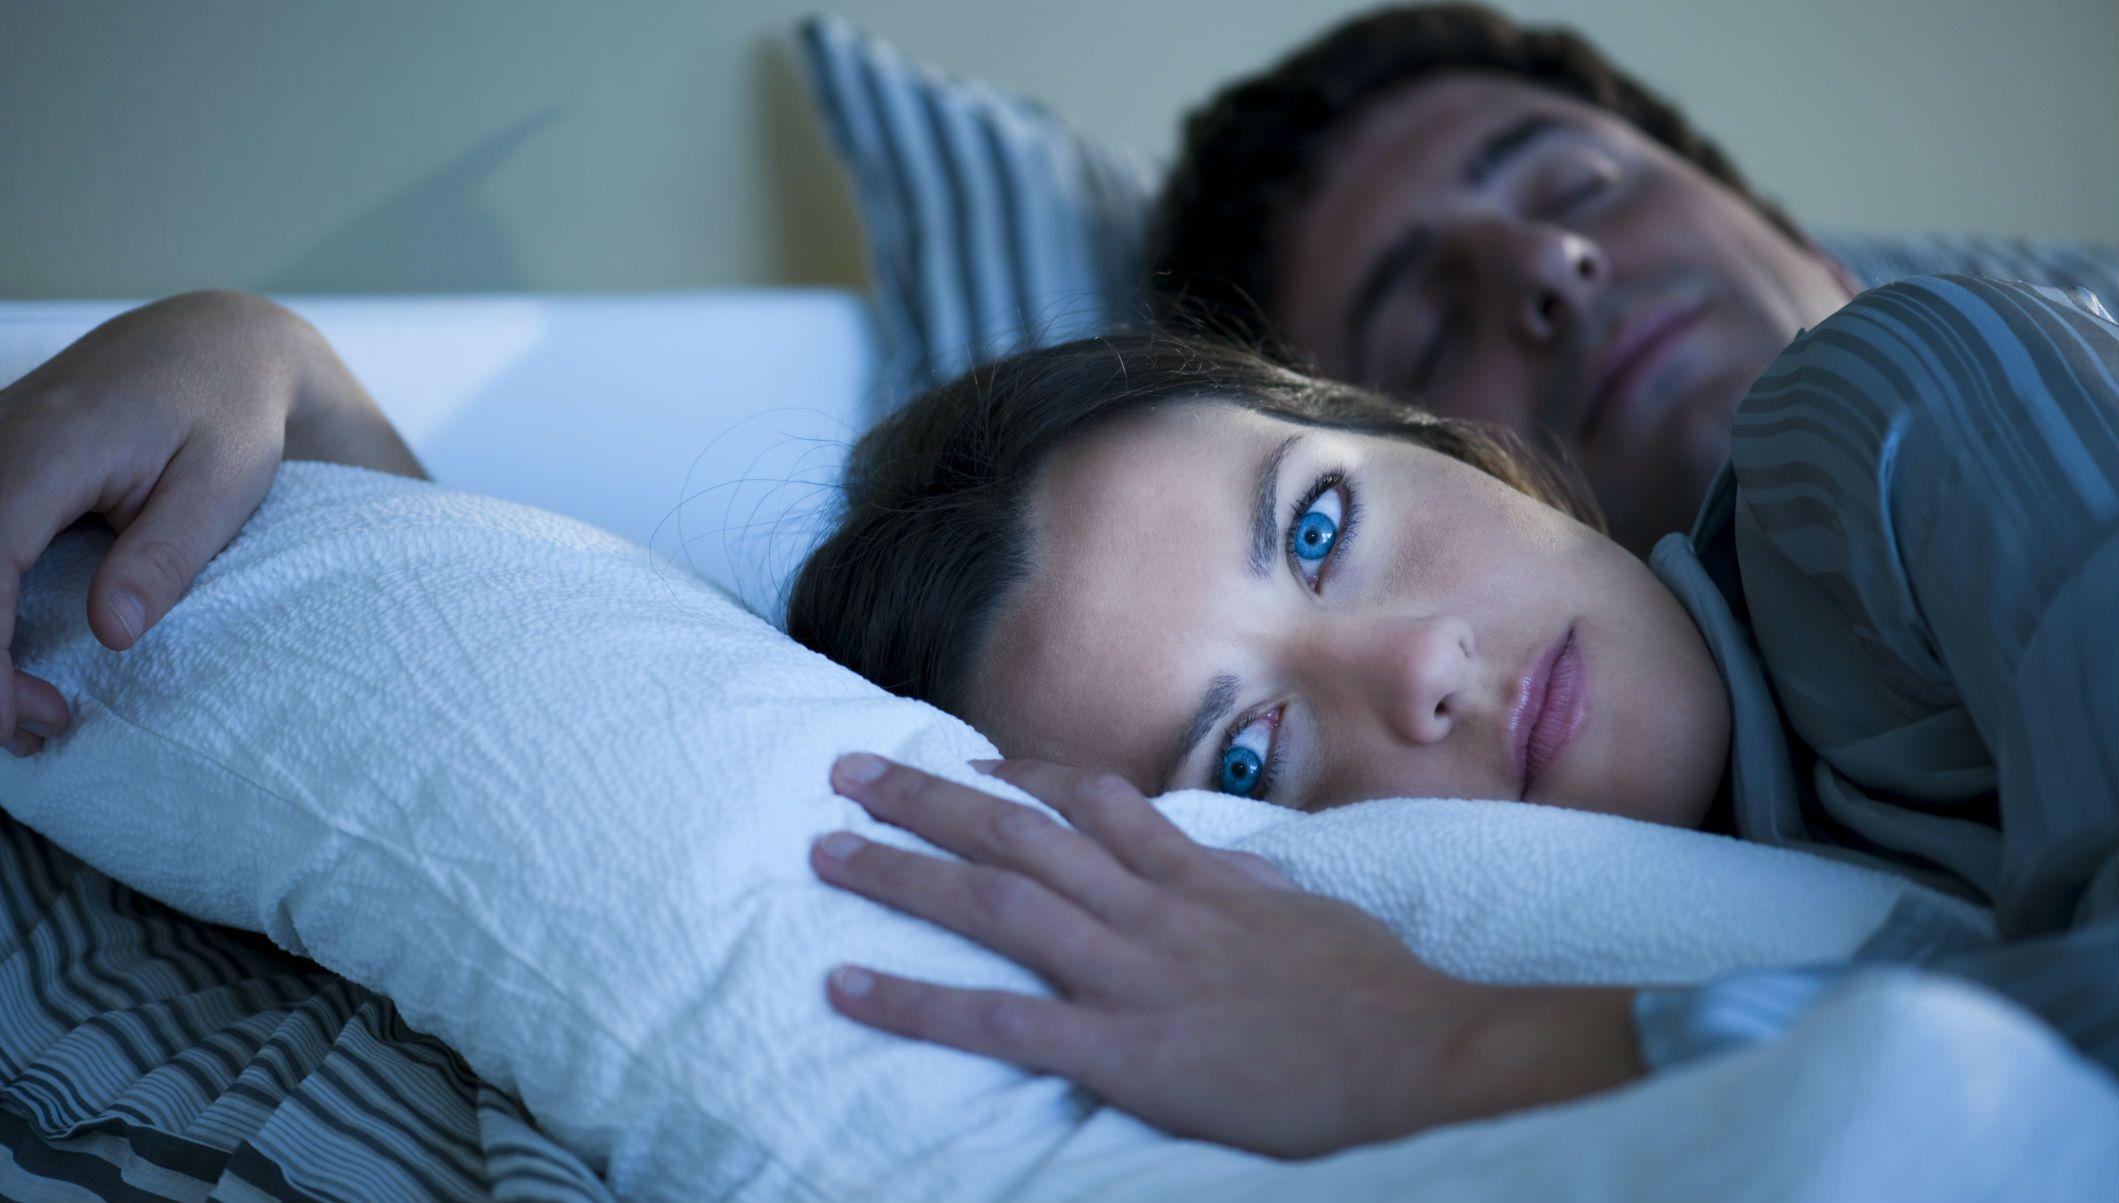 Воспоминание, расстройства, фильма, сна